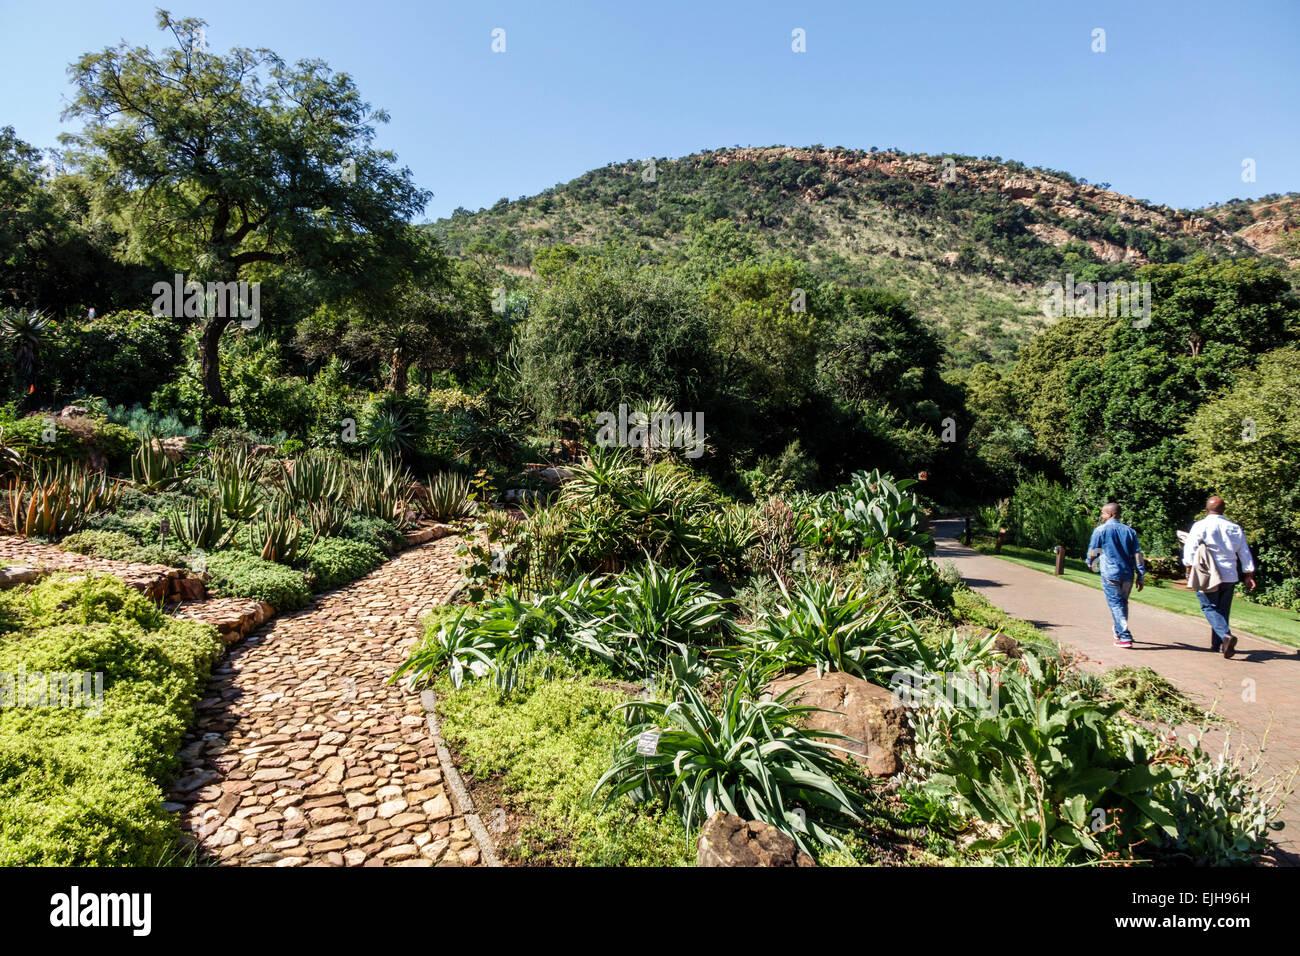 Afrique Afrique du Sud Johannesburg Roodepoort Walter Sisulu National Botanical Garden Witwatersrand geologic man Photo Stock